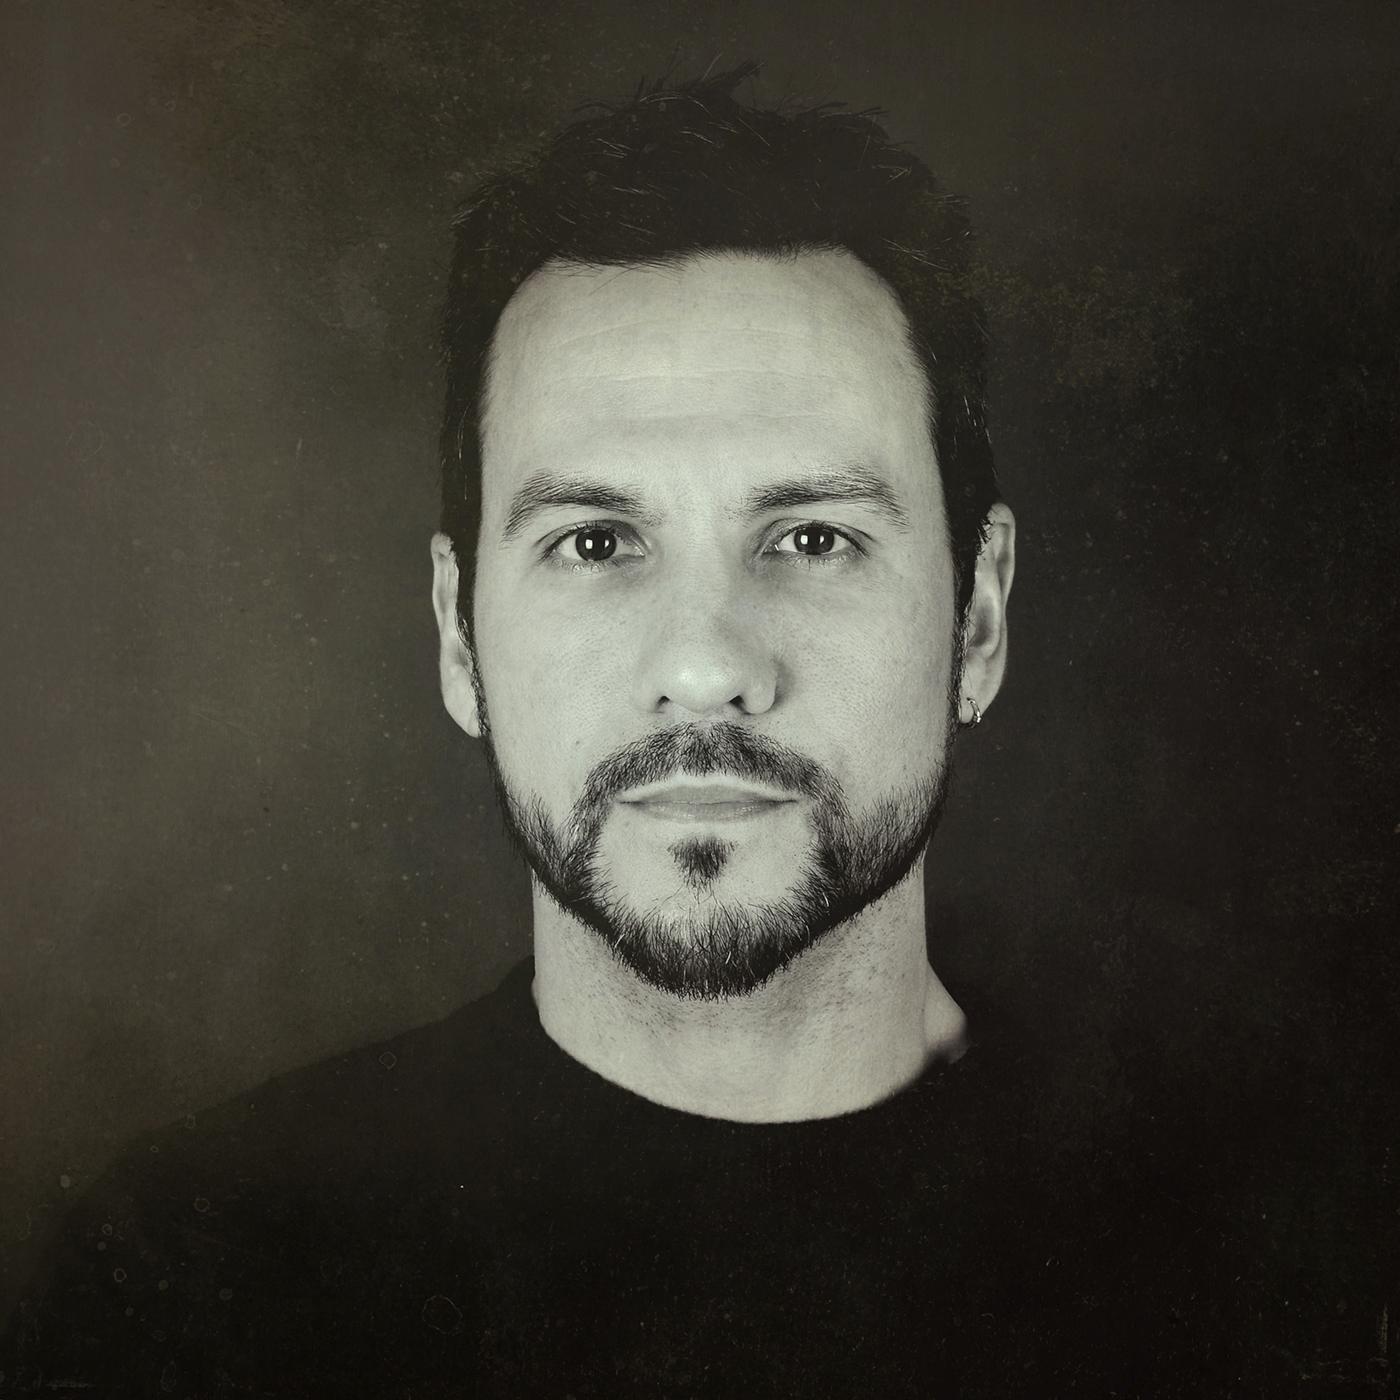 Luis da Silva 4MIGA